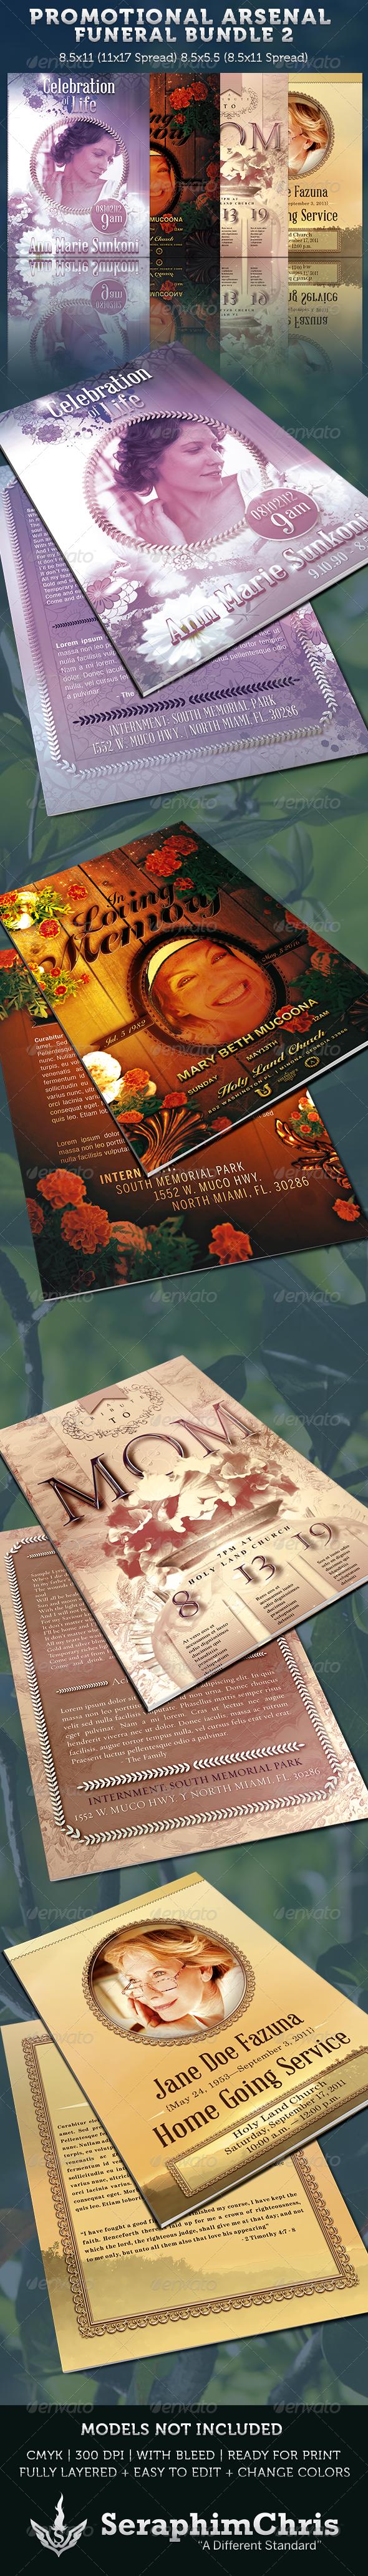 Promotional Arsenal Funeral Program Bundle 2 - Informational Brochures